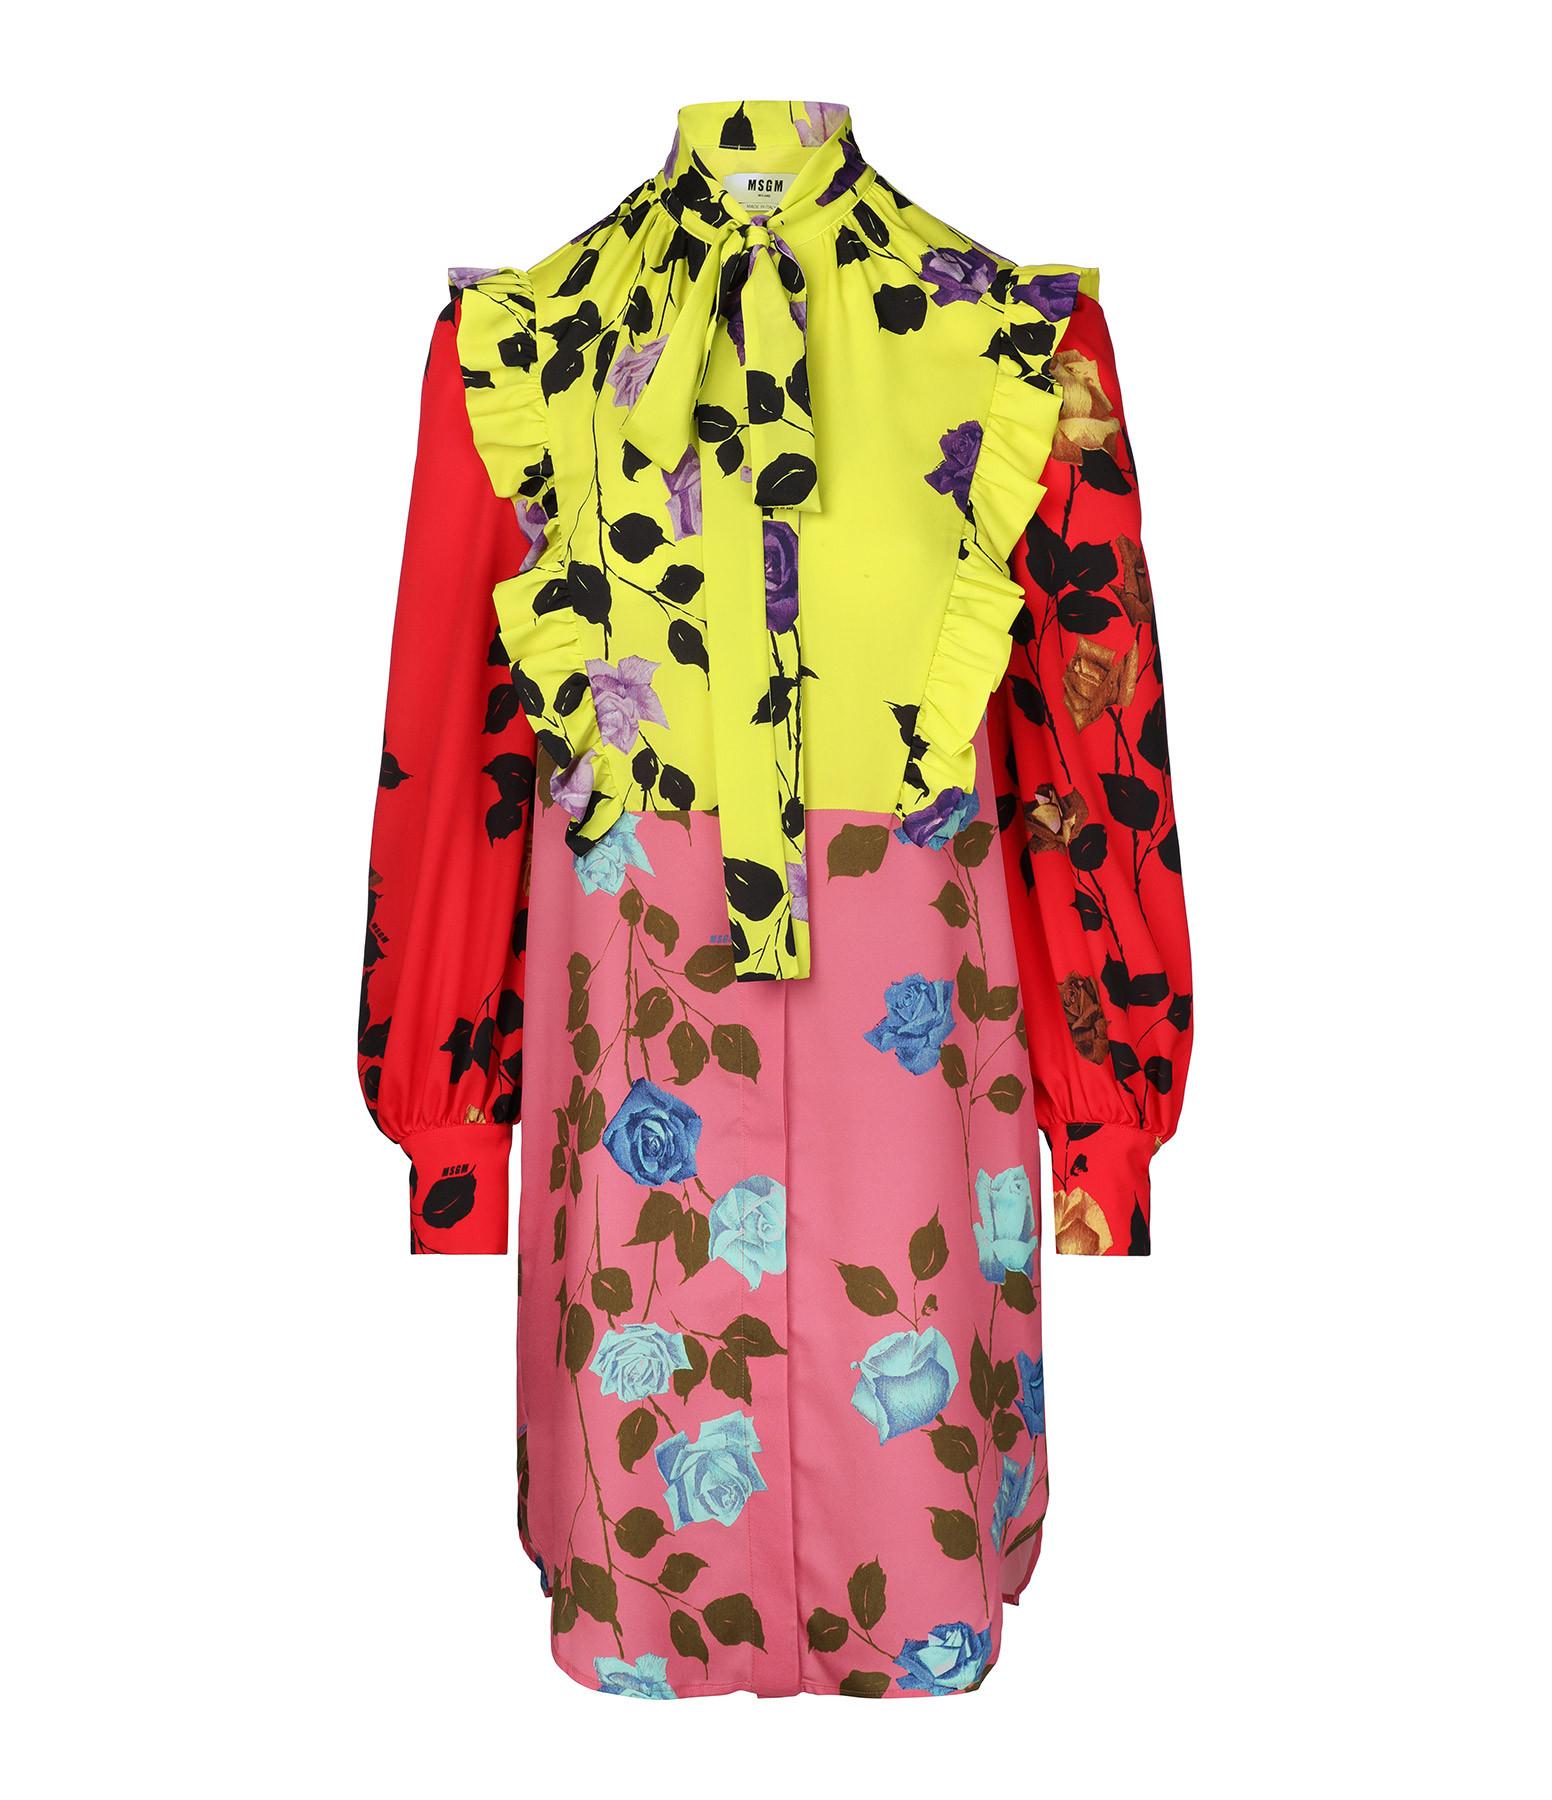 MSGM - Robe Imprimé Floral Rose Jaune